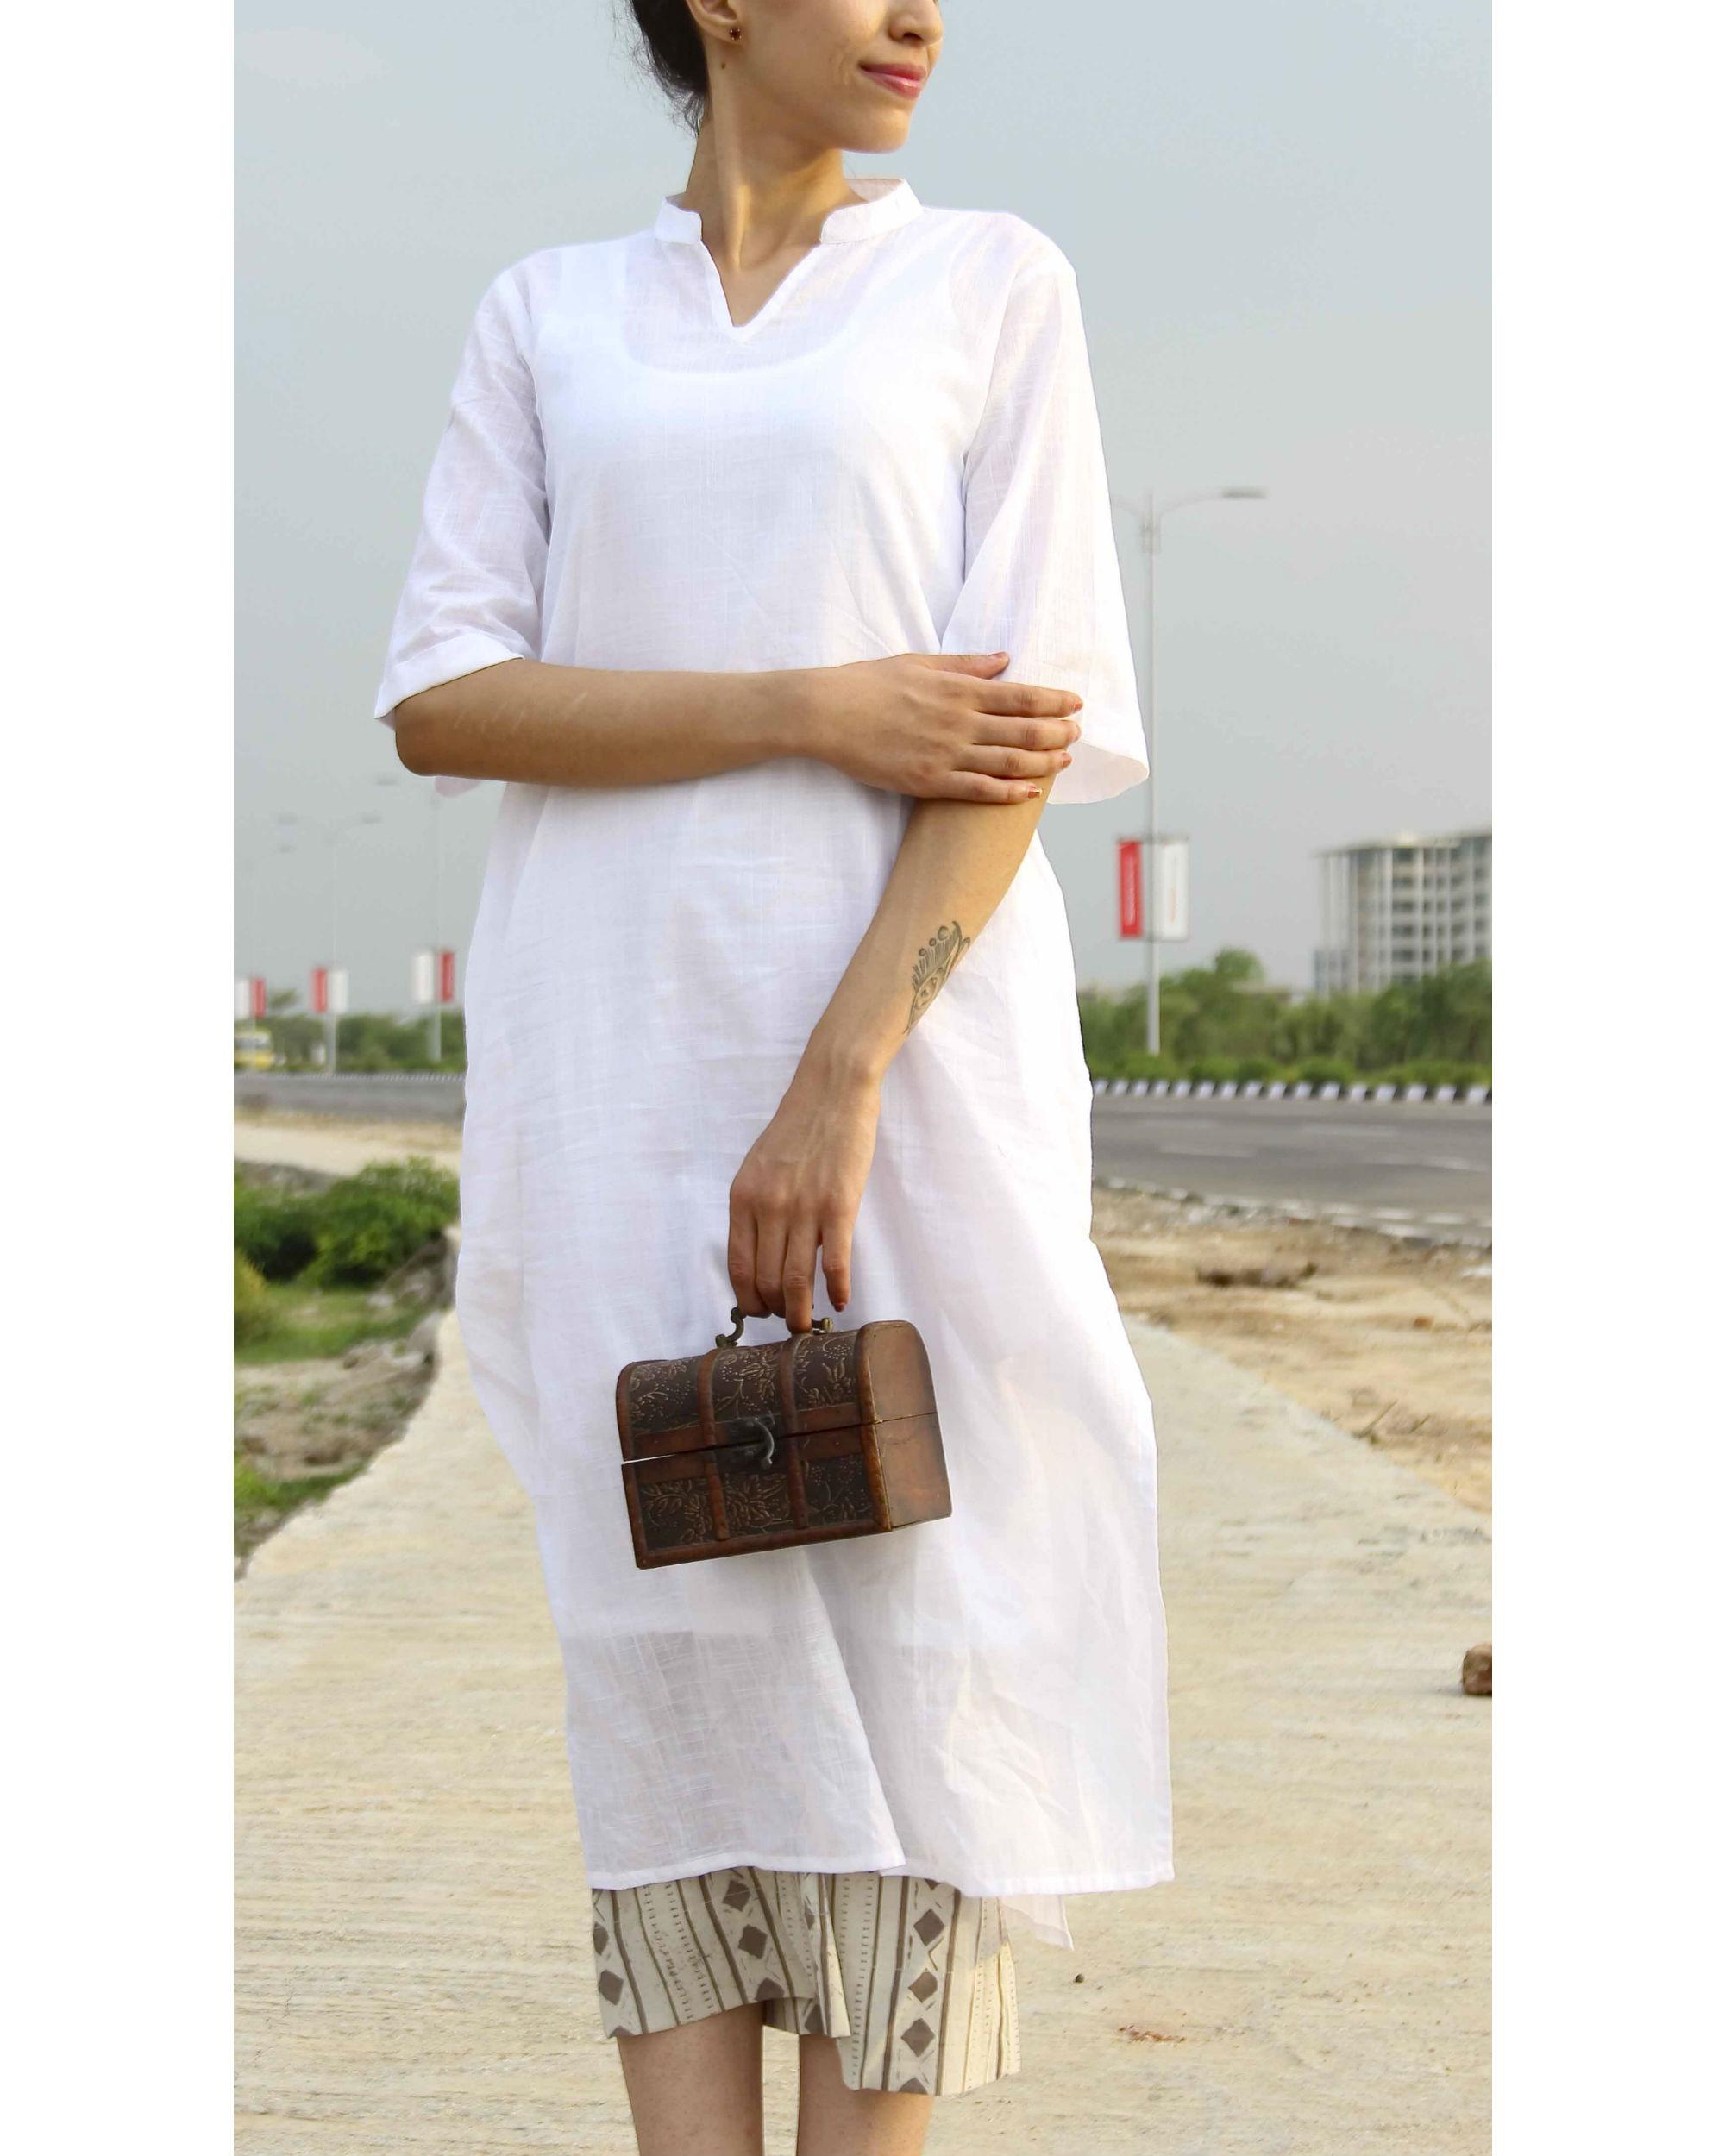 Classic white kurta with slip